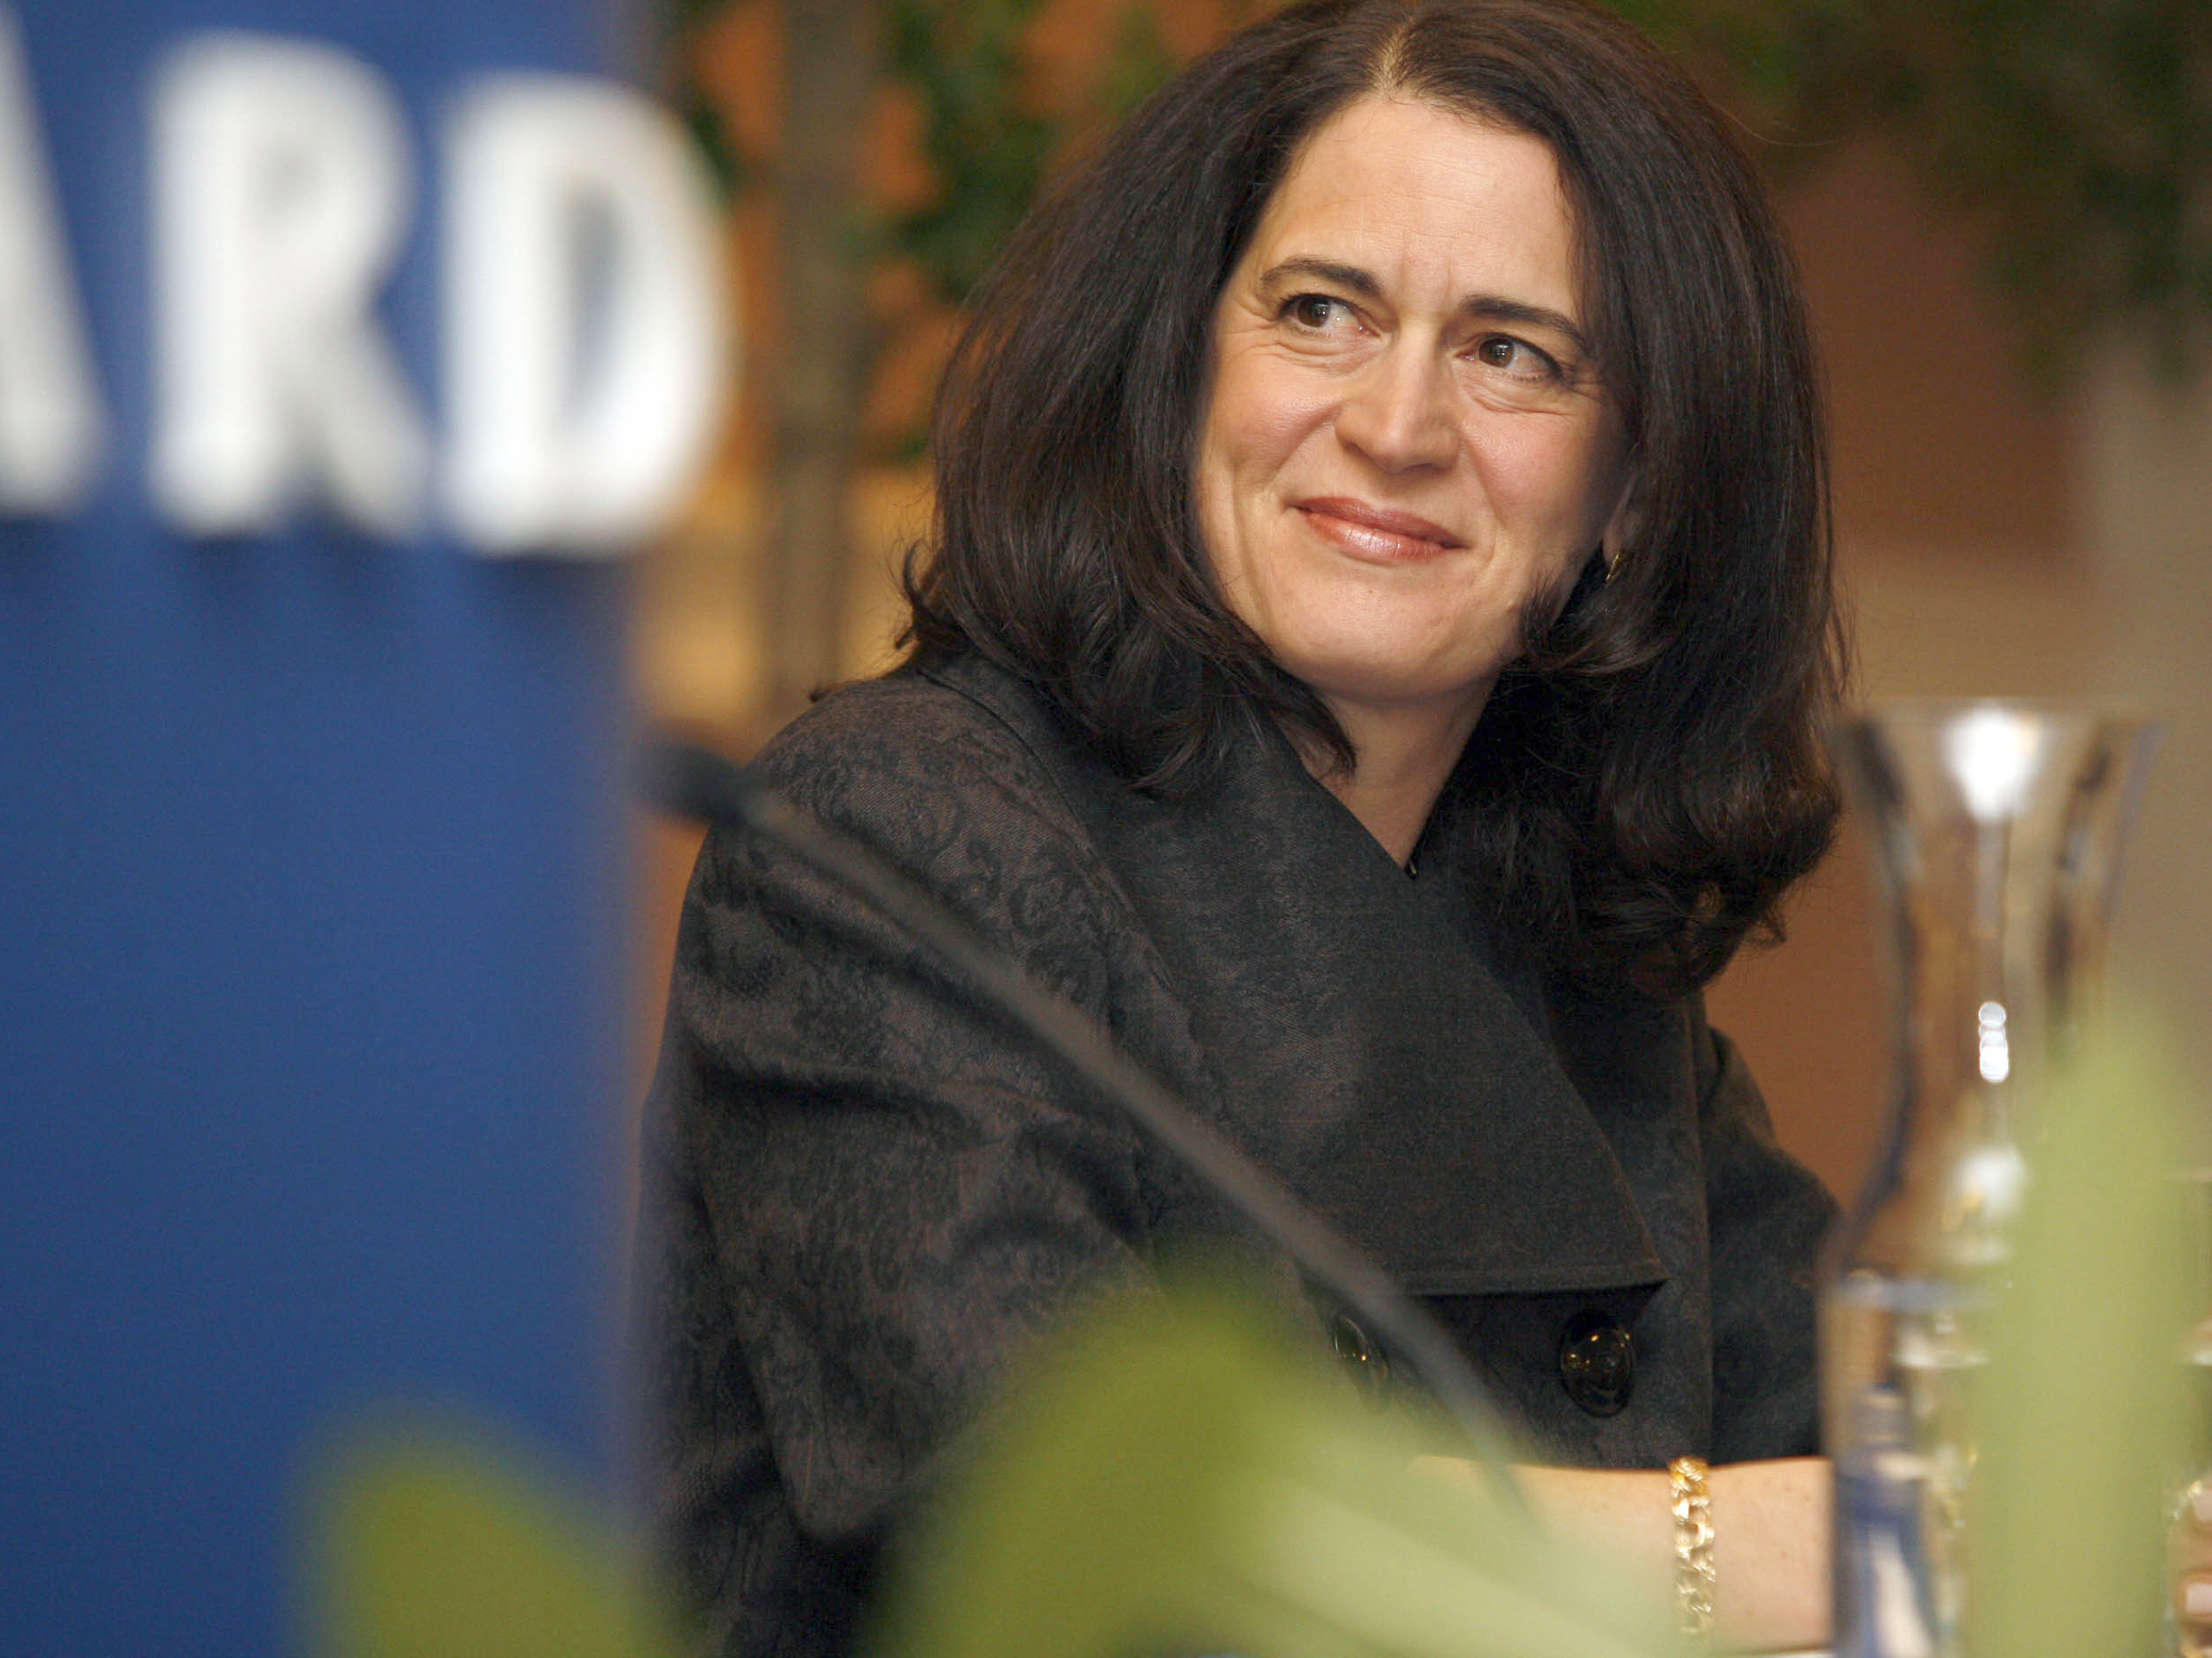 Barnard President: Today's 'Wonder Women' Must Reframe Feminism